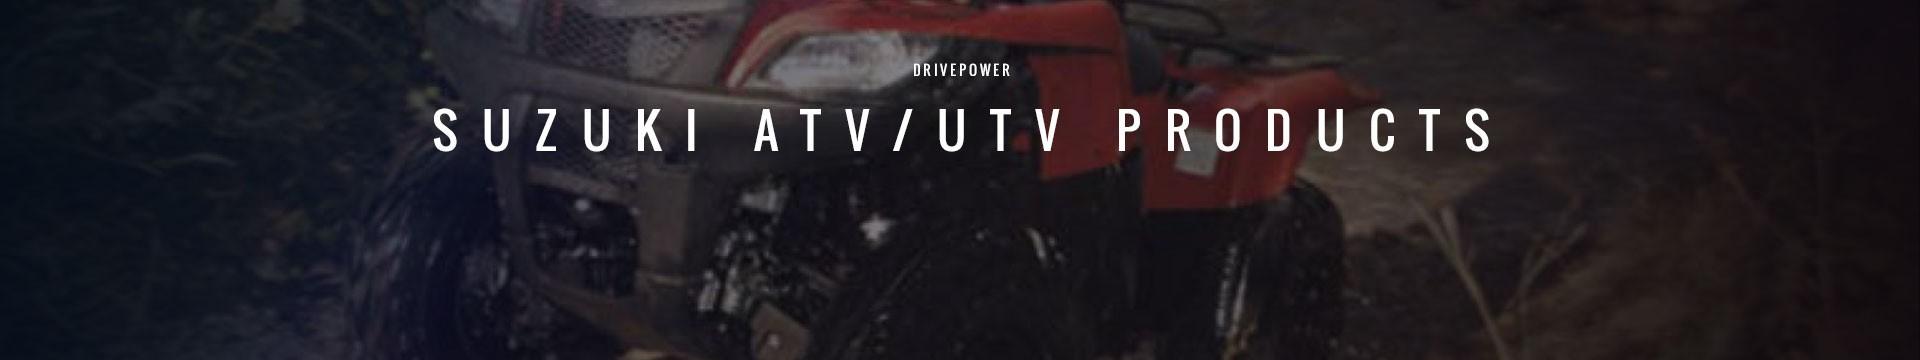 Suzuki ATV Products